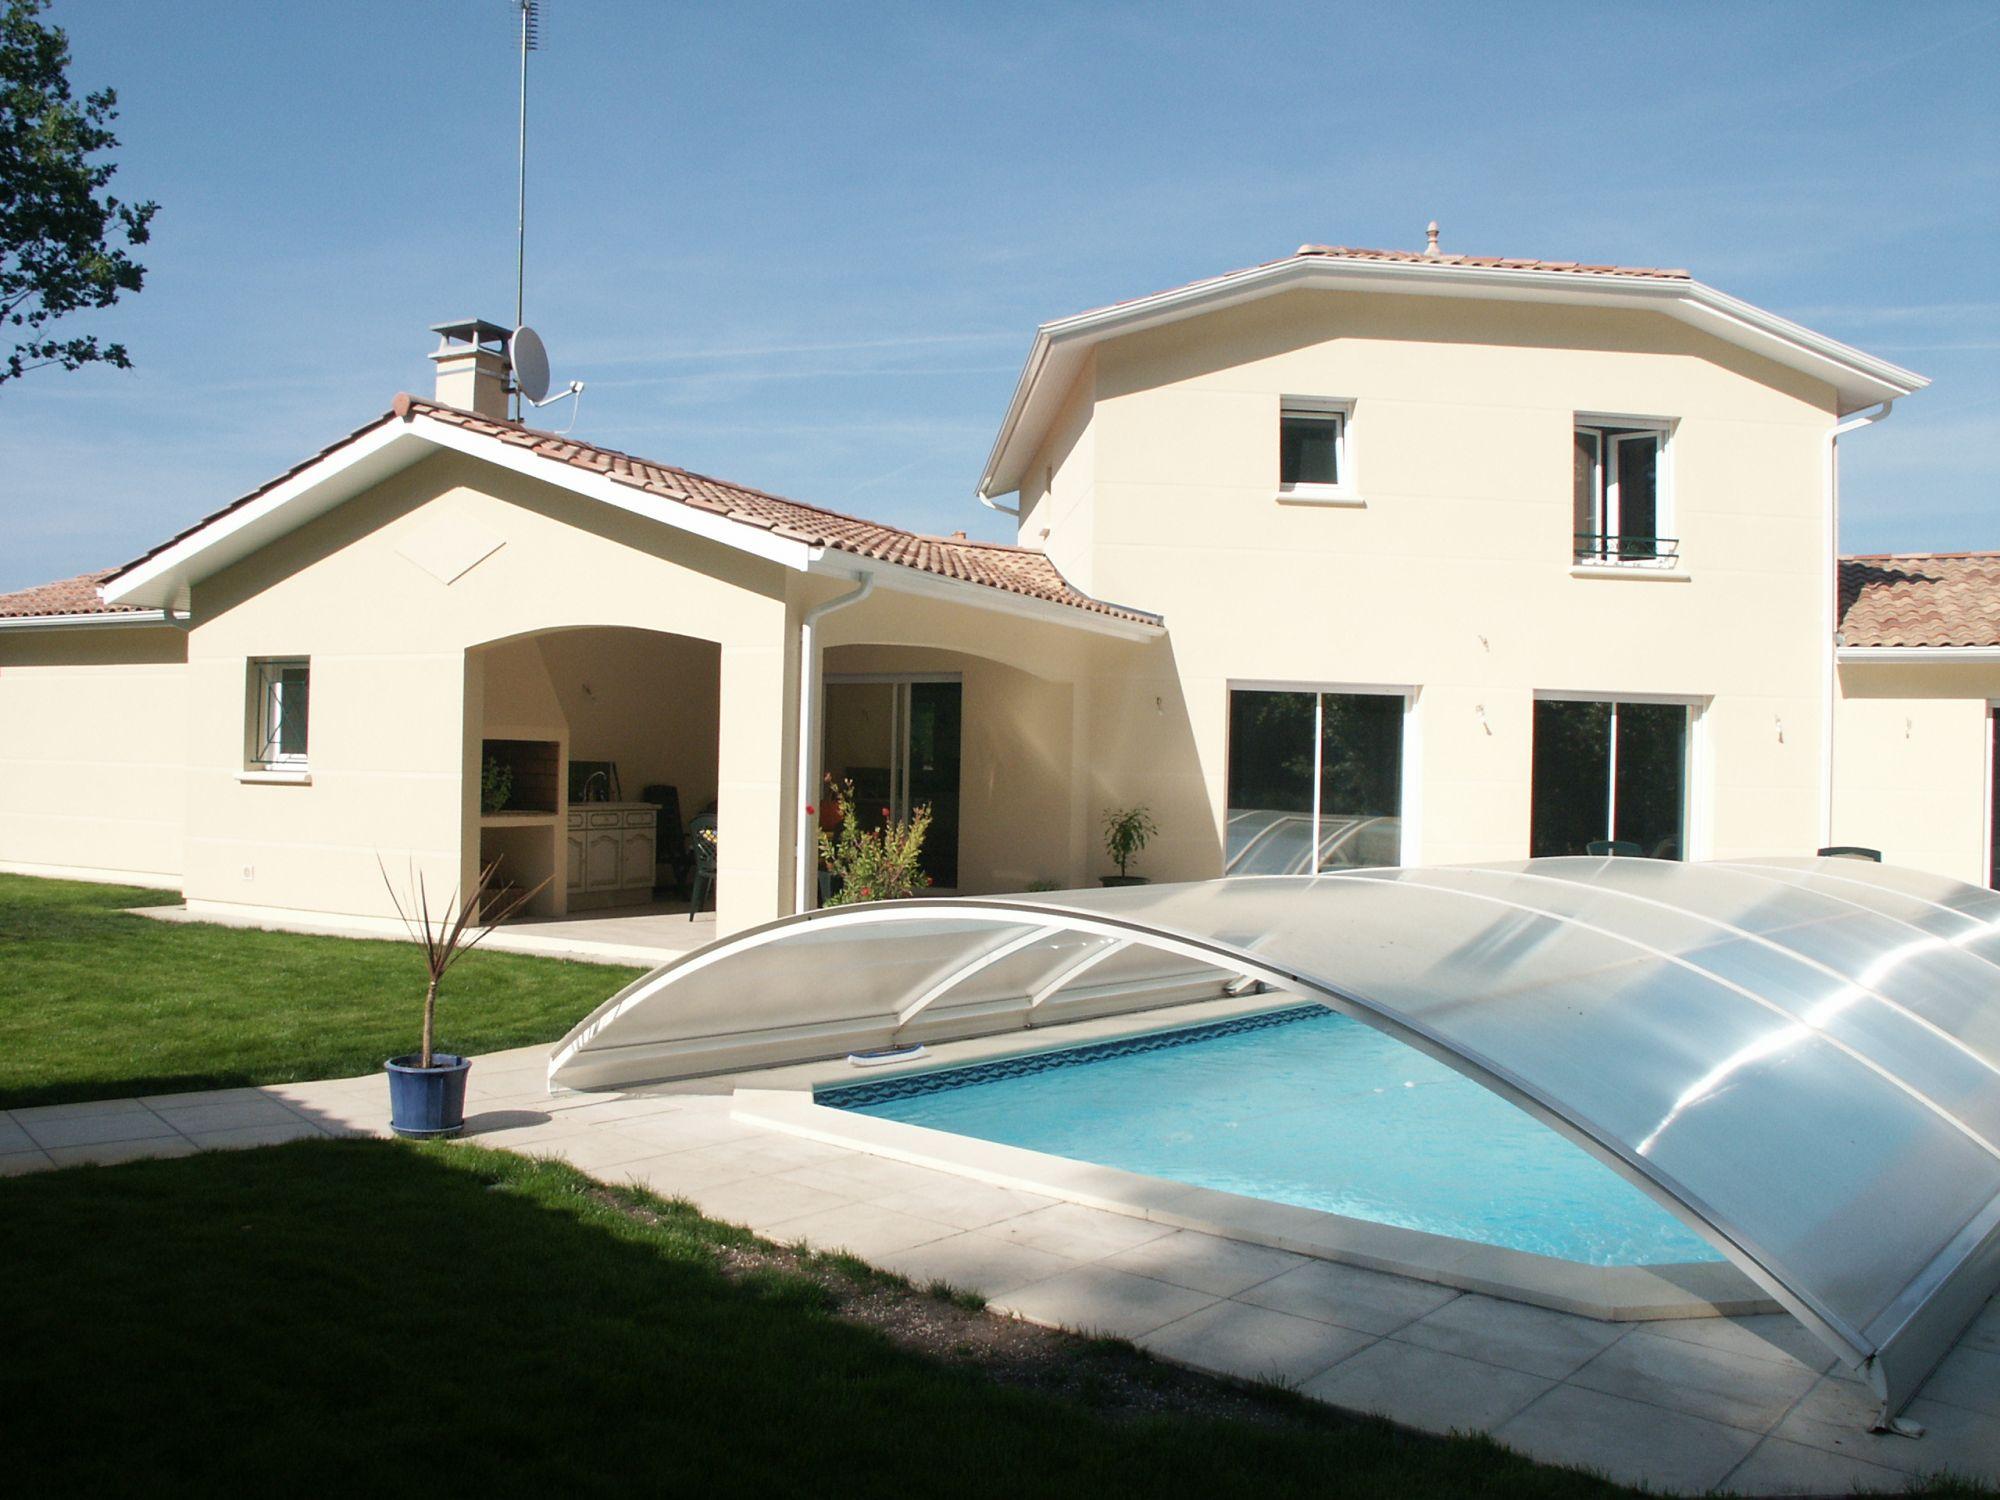 Maison 160M², 4 Chambres Sur 1000M² Avec Piscine Cestas ... à Piscine Cestas